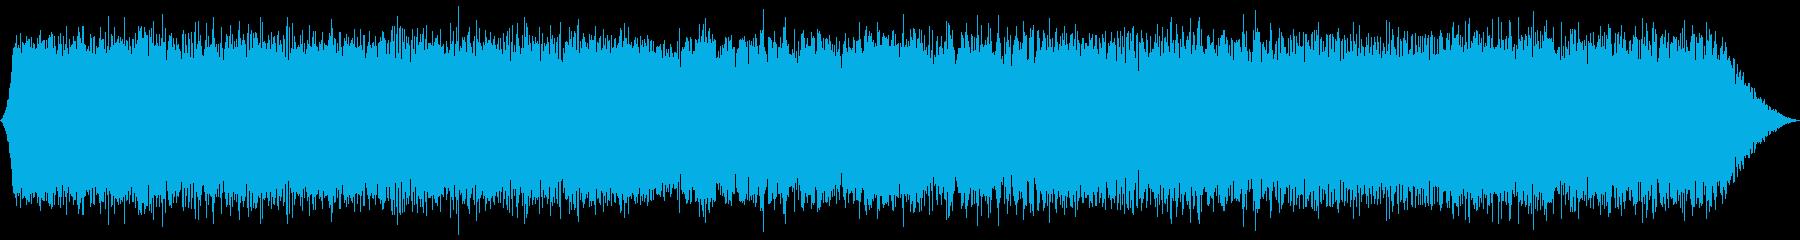 文字化けしたレーザー干渉の再生済みの波形